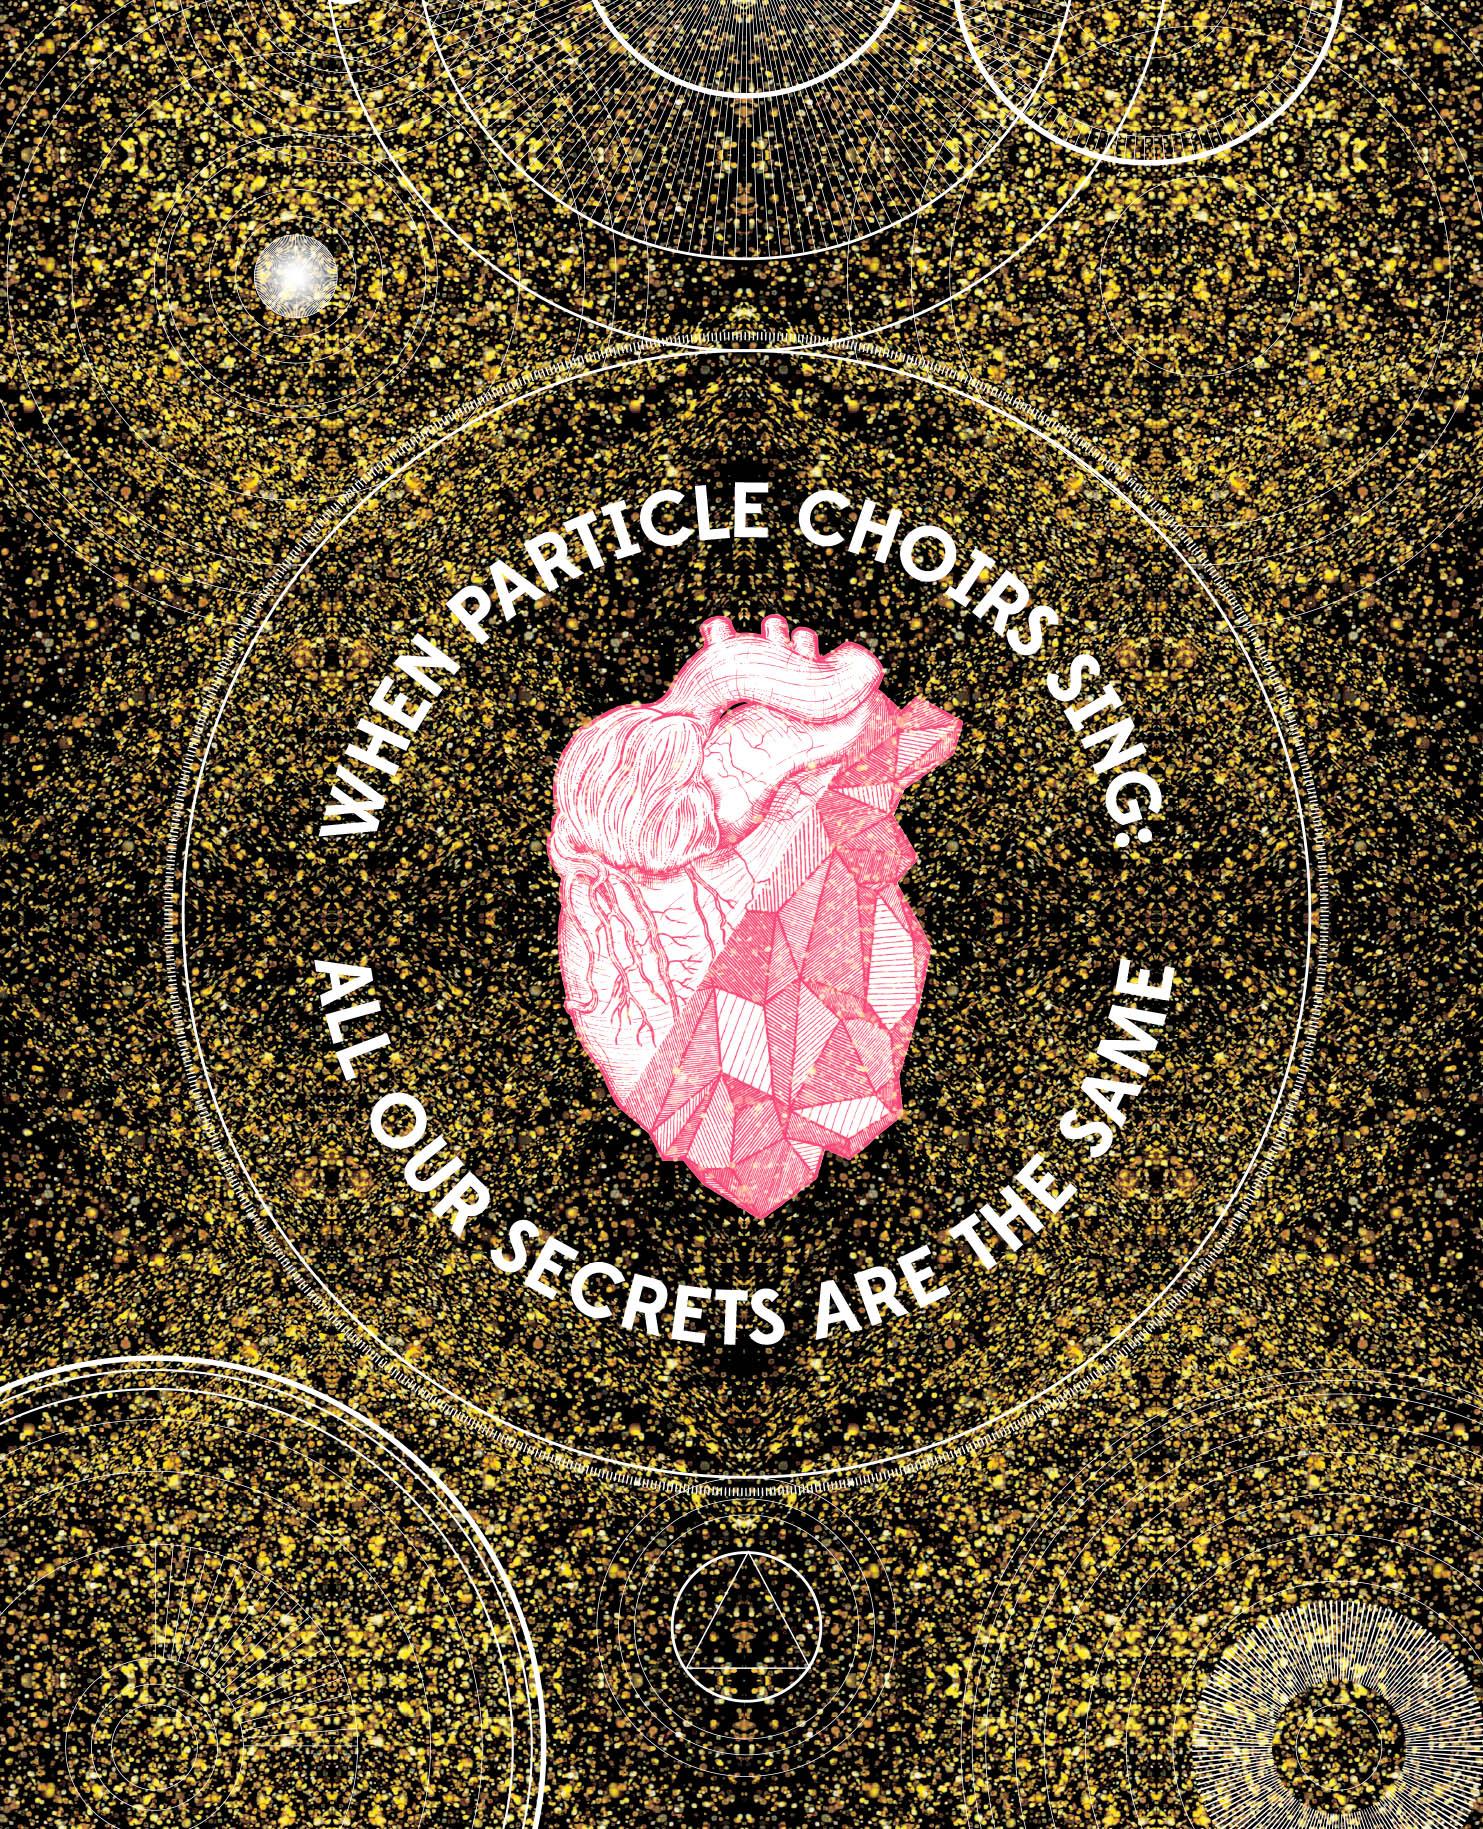 WM_13x16_ART_Particle_choires_004